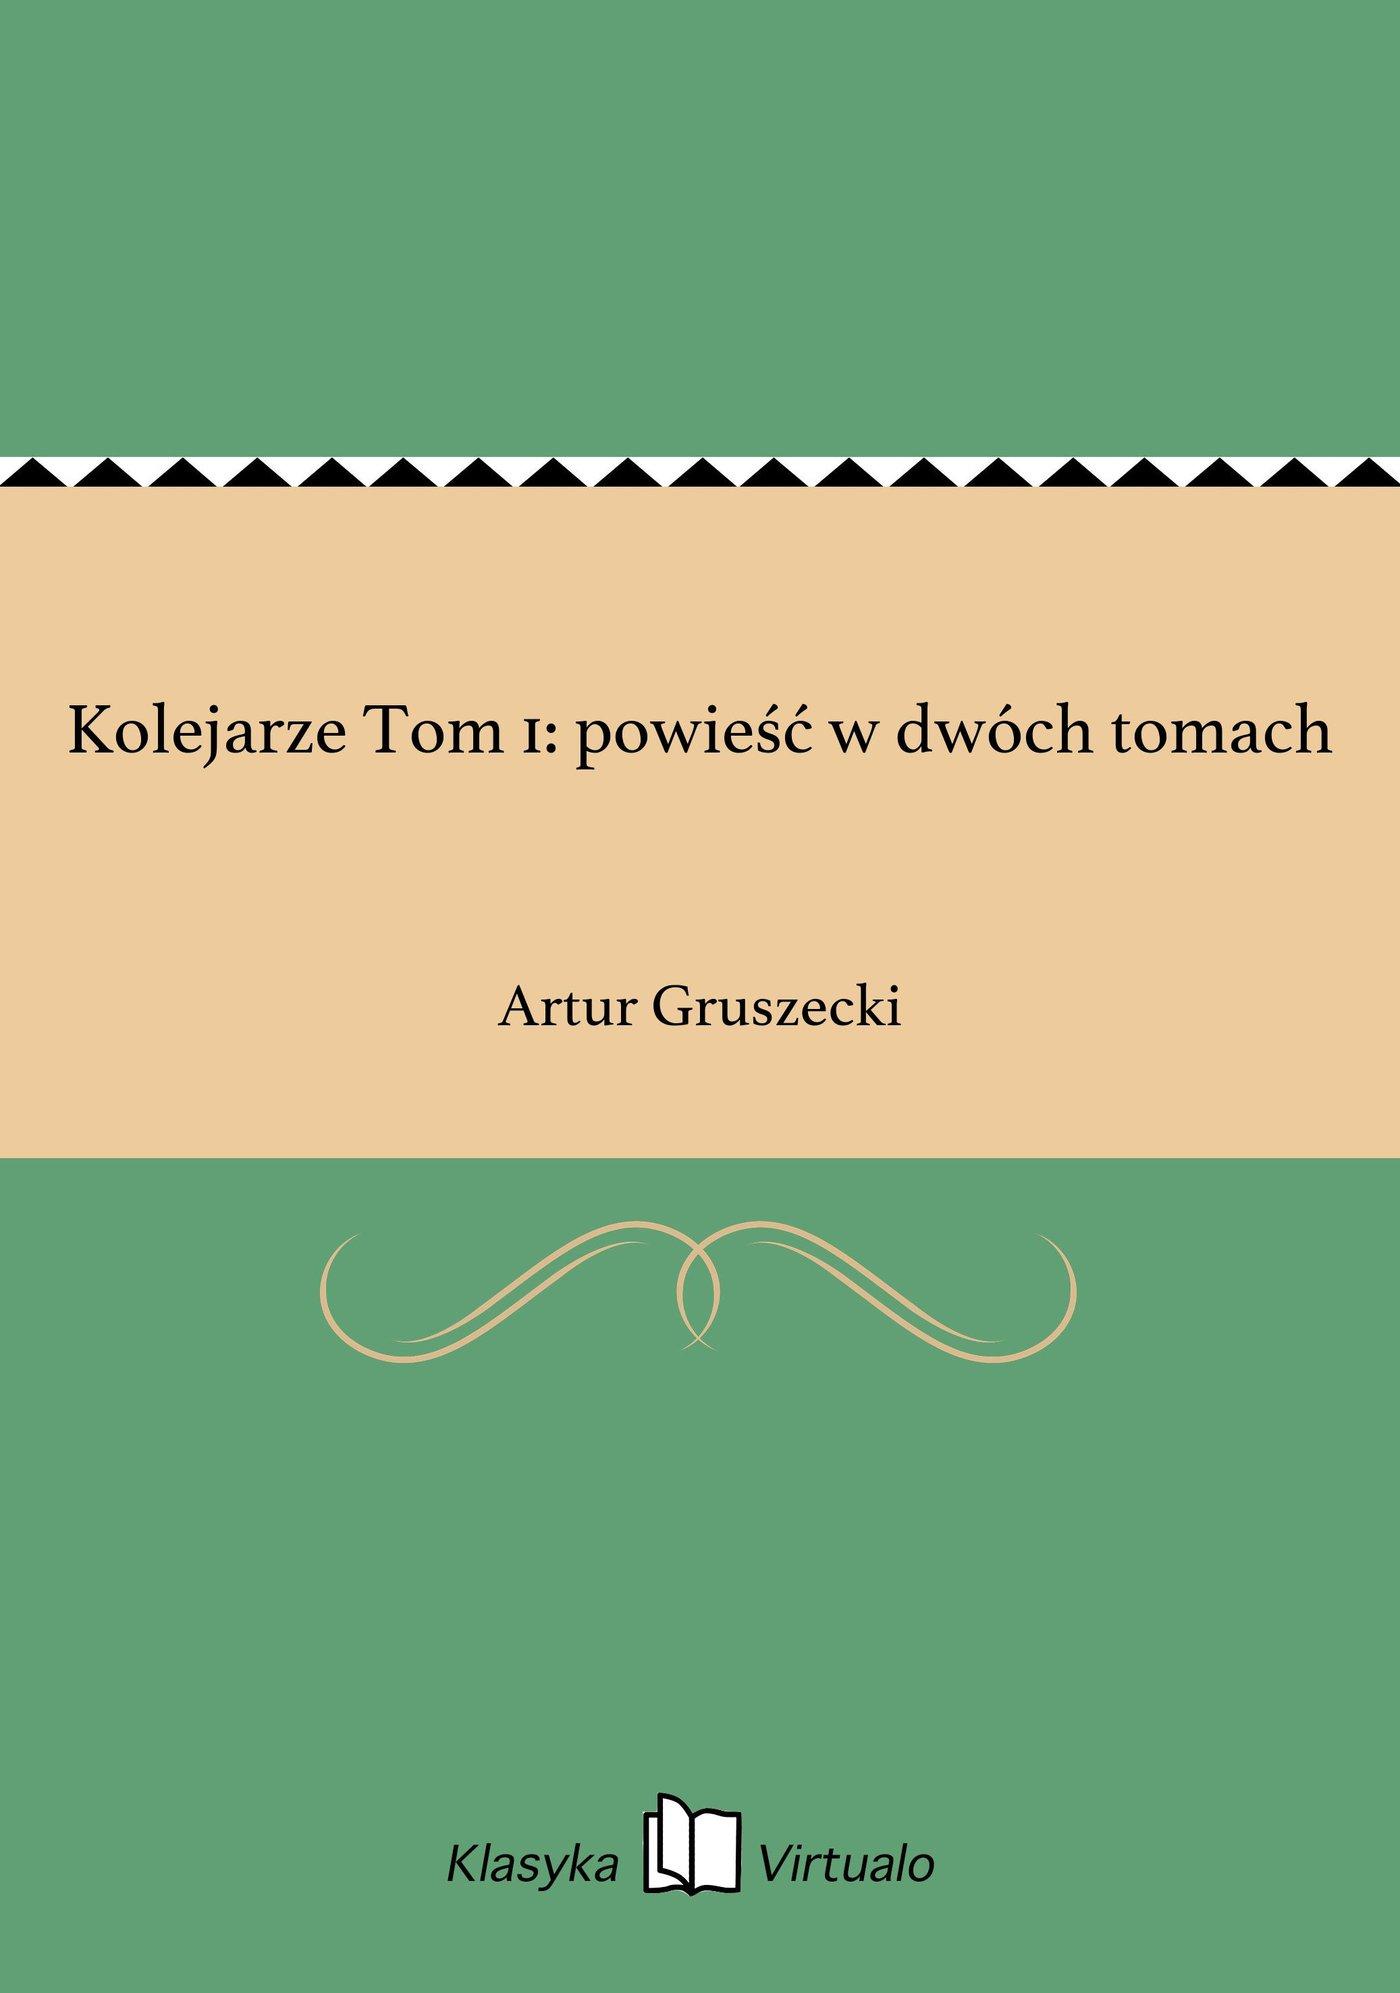 Kolejarze Tom 1: powieść w dwóch tomach - Ebook (Książka EPUB) do pobrania w formacie EPUB